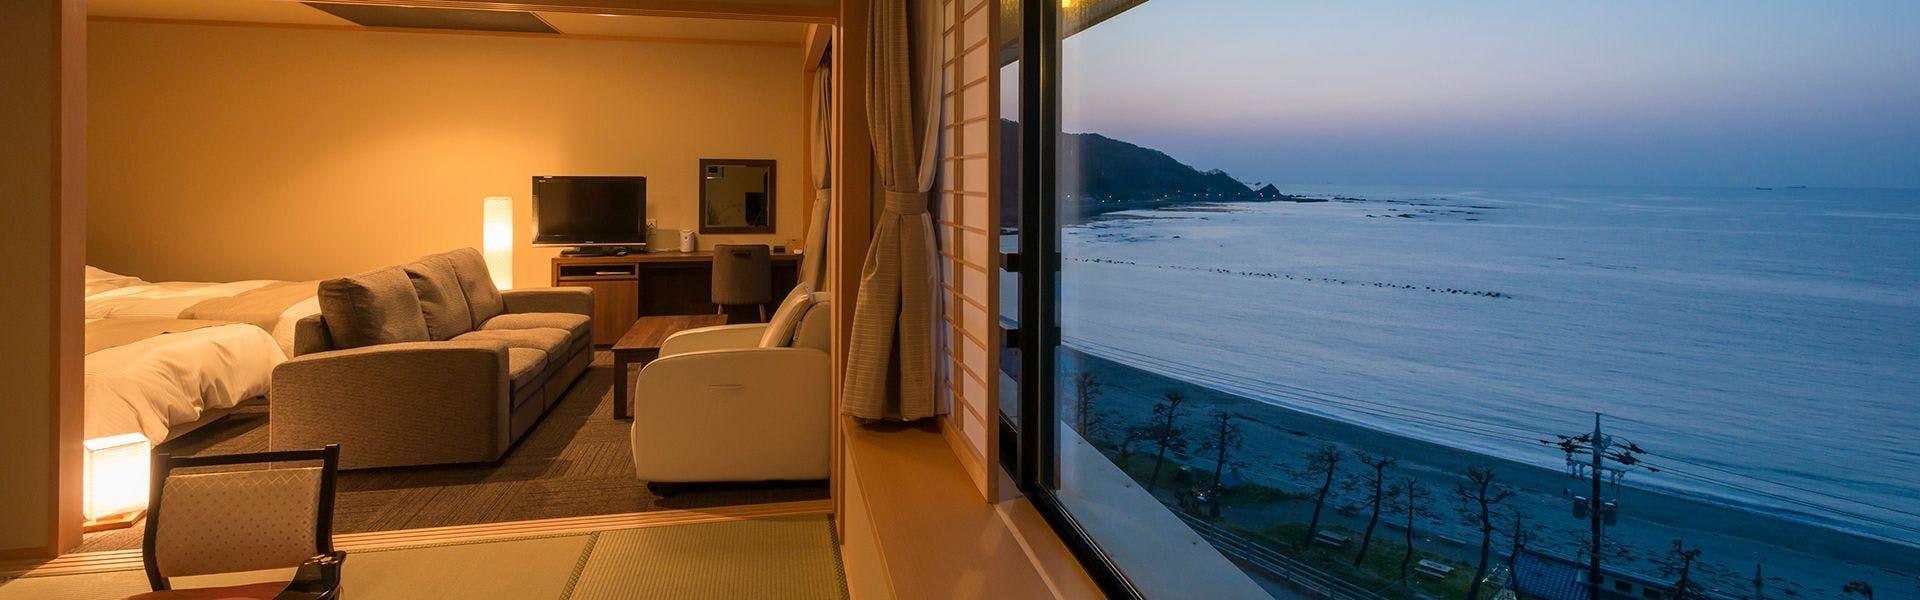 記念日におすすめのホテル・輪島温泉 八汐の写真1